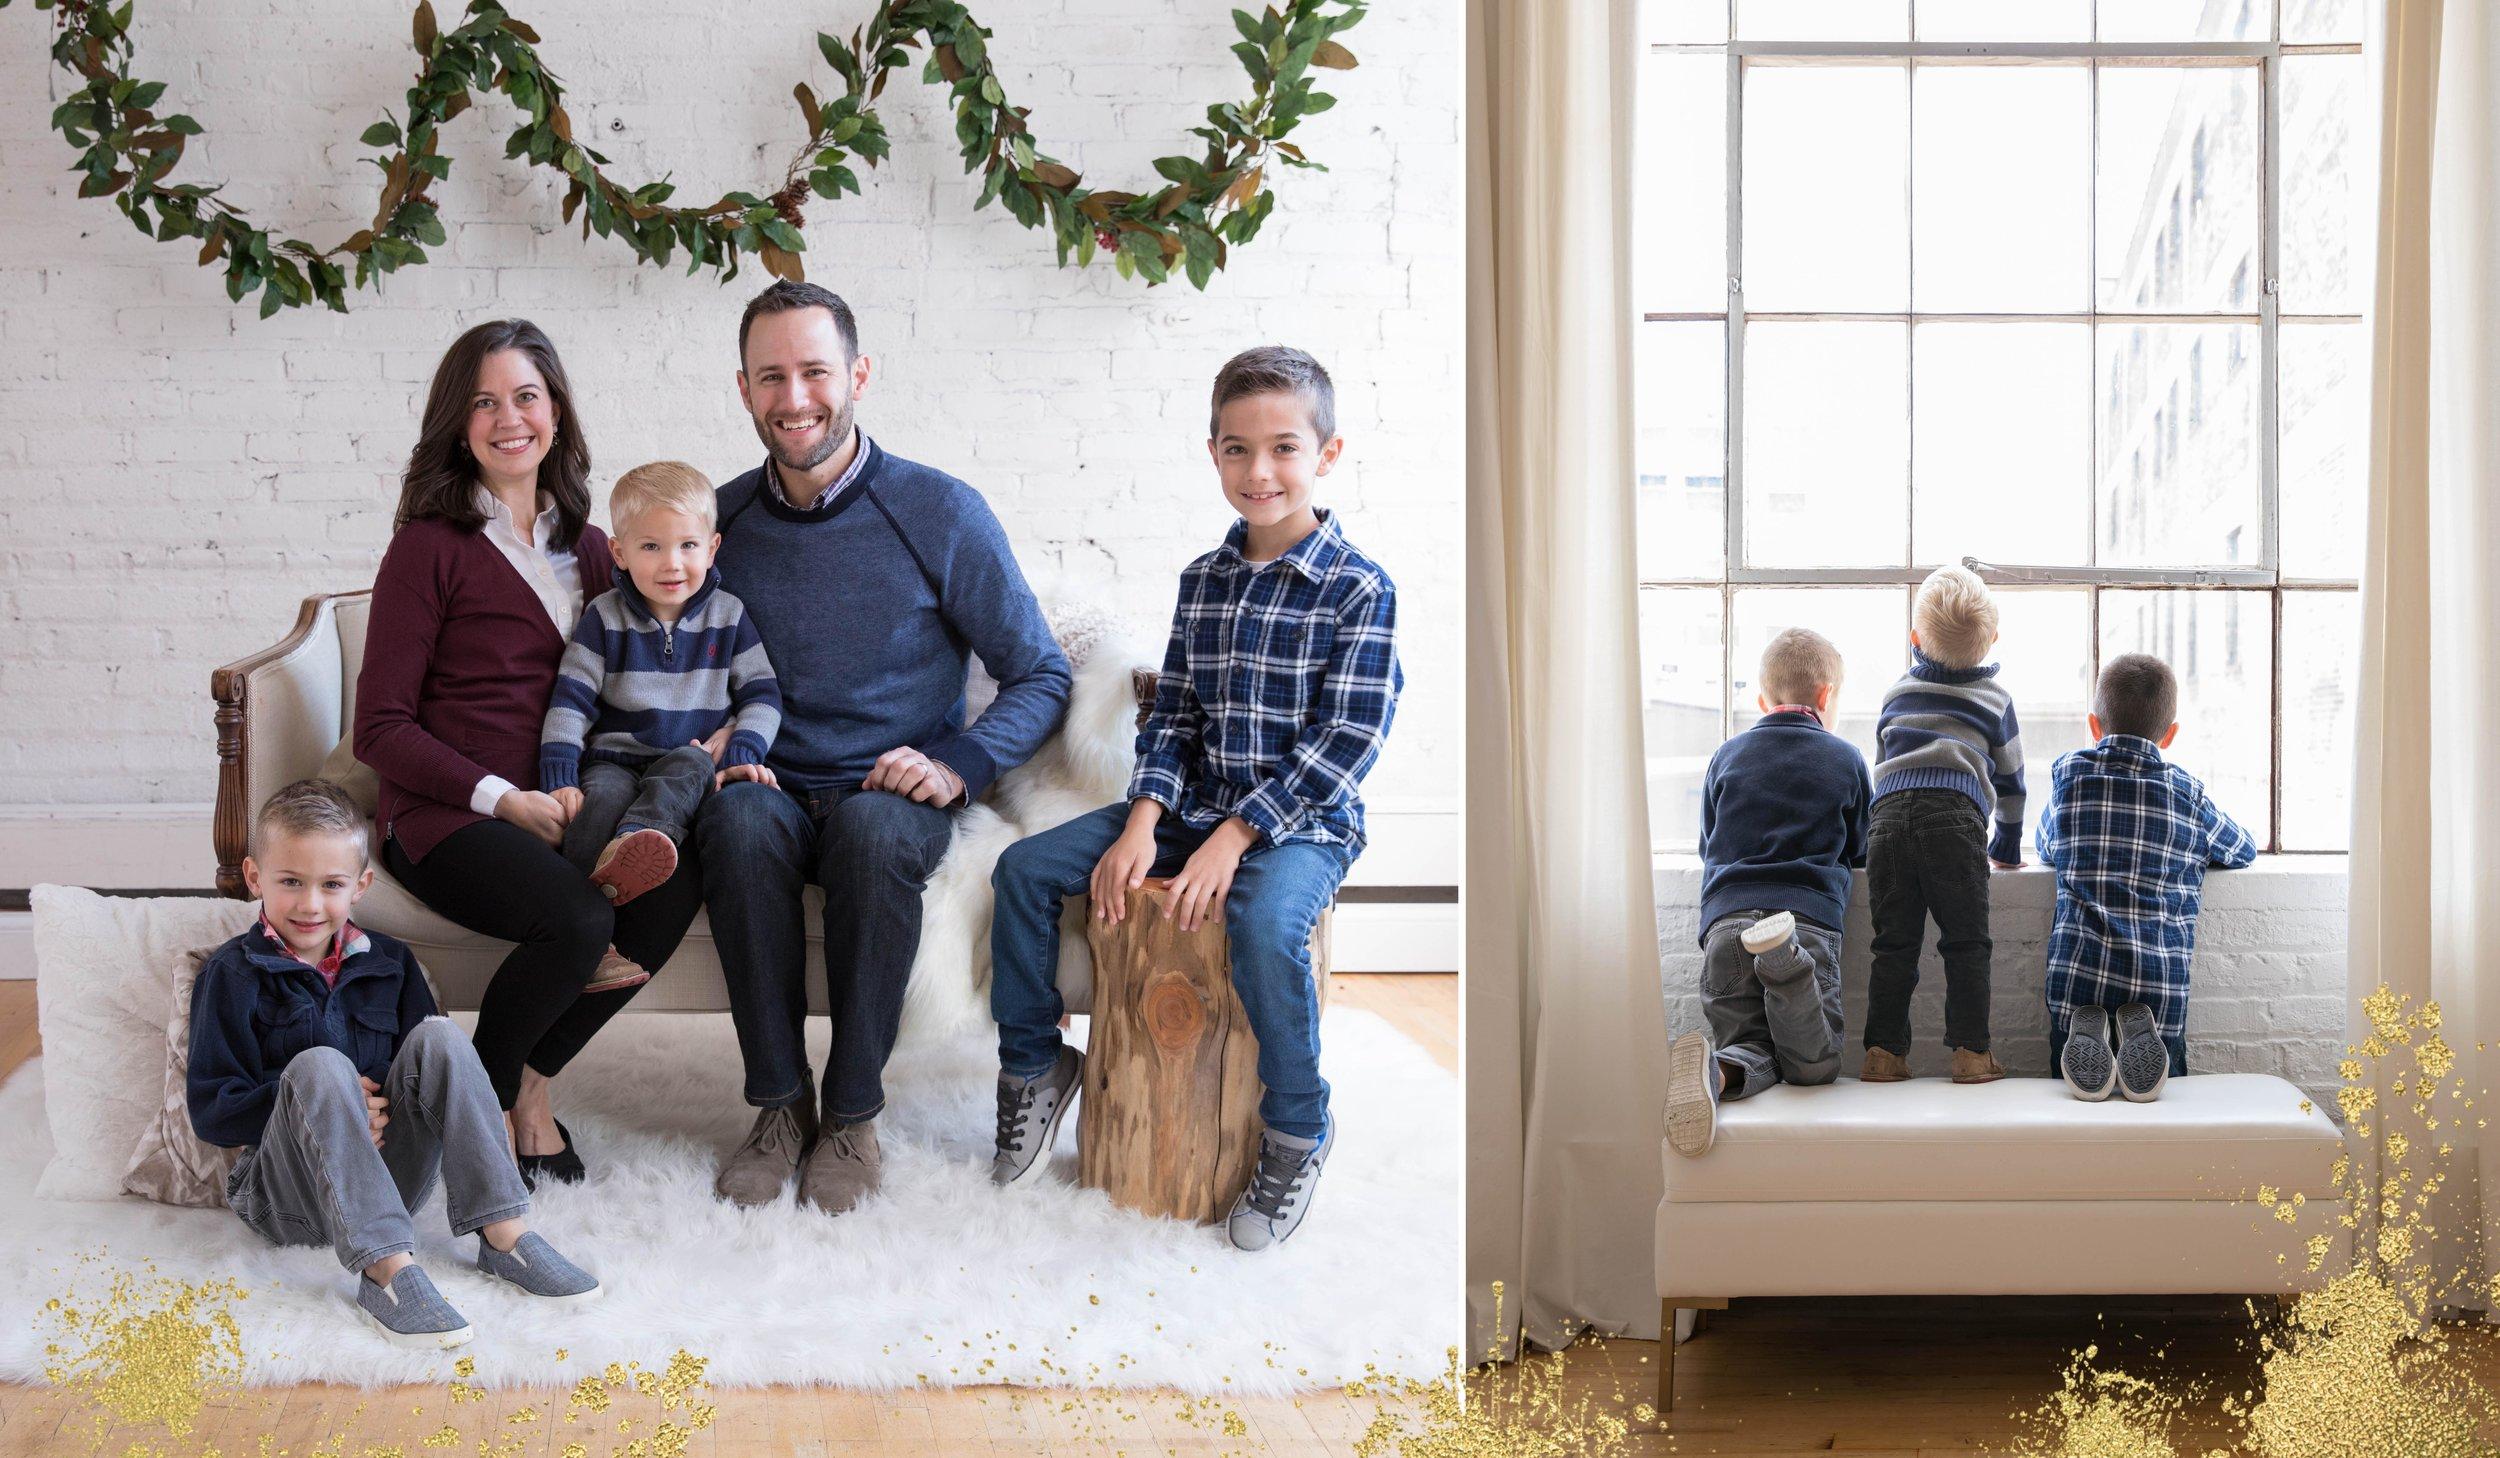 holidy-family-photoshoot.jpg